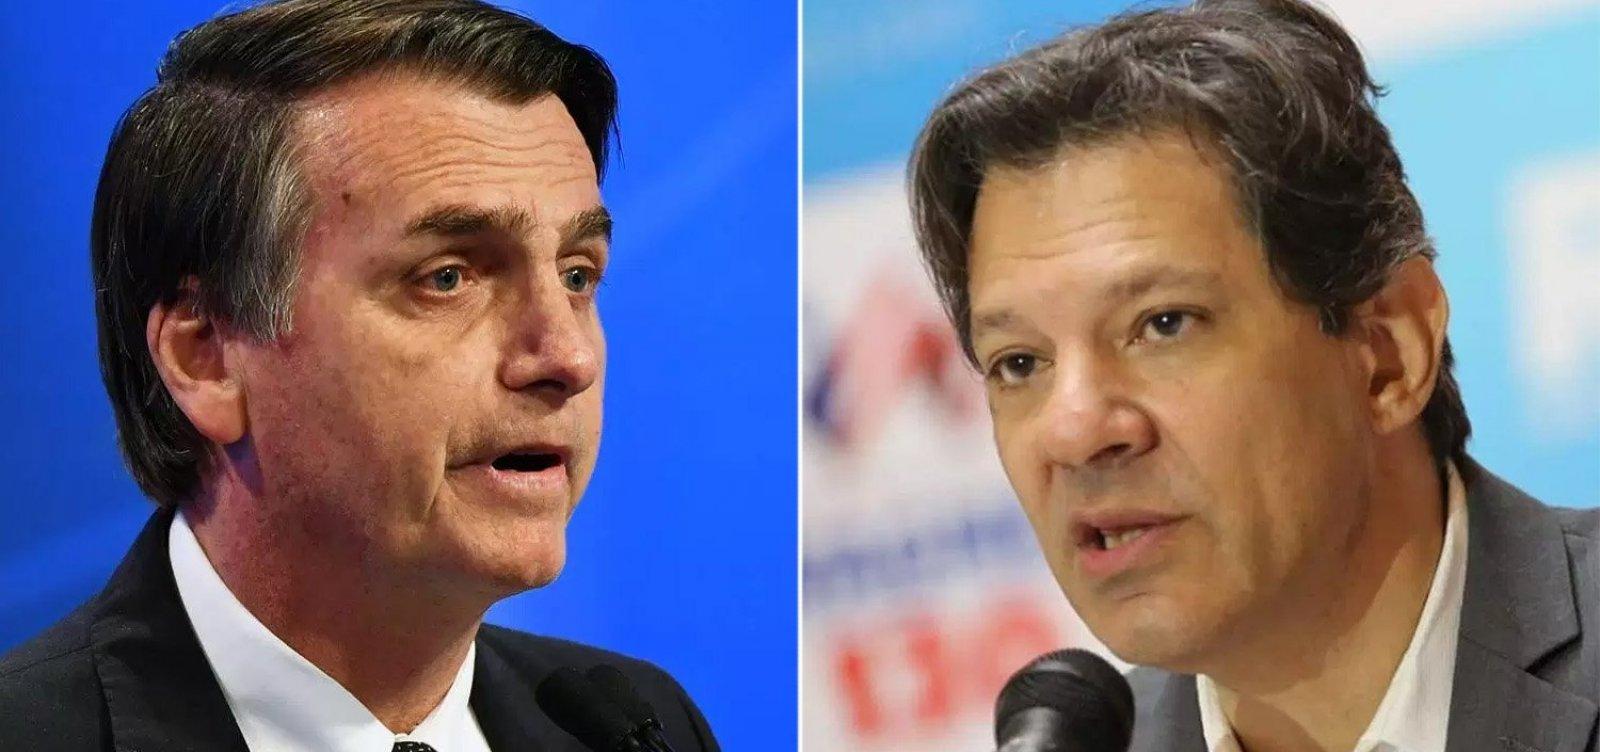 Grupo Metrópole convida Fernando Haddad e Jair Bolsonaro para entrevista